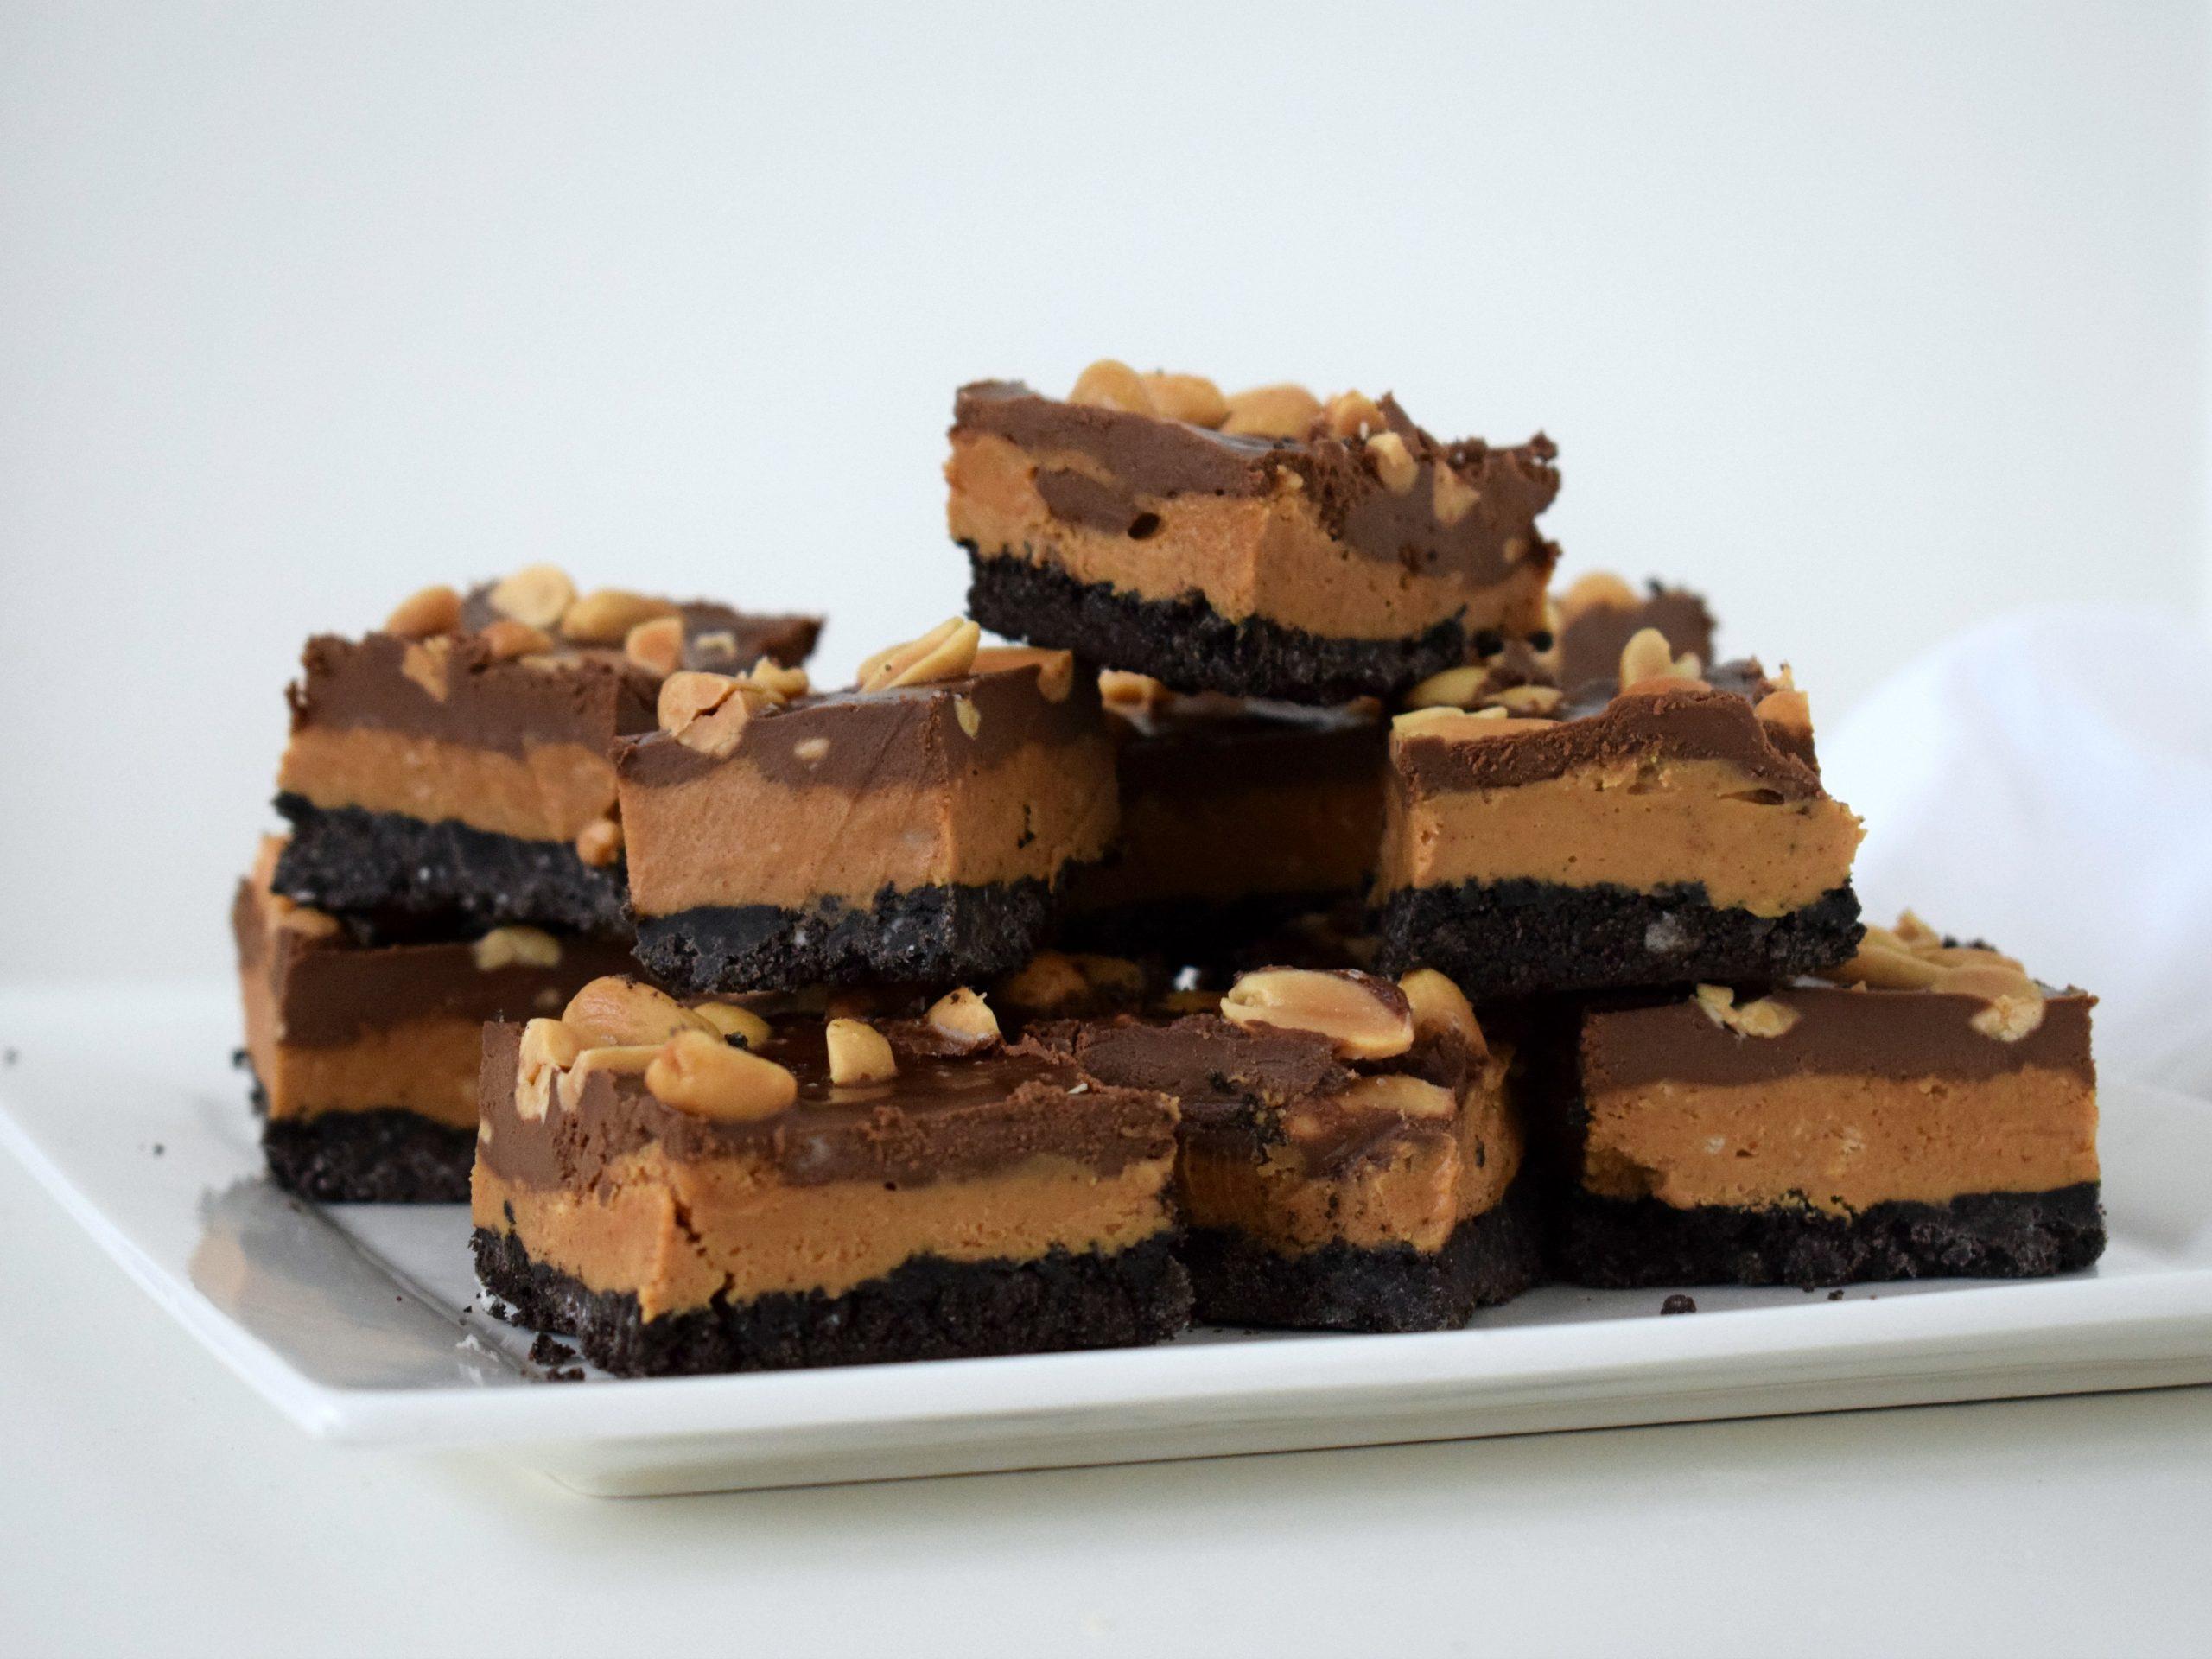 Pindakaas Oreo Chocolade bites (vegan & no bake)